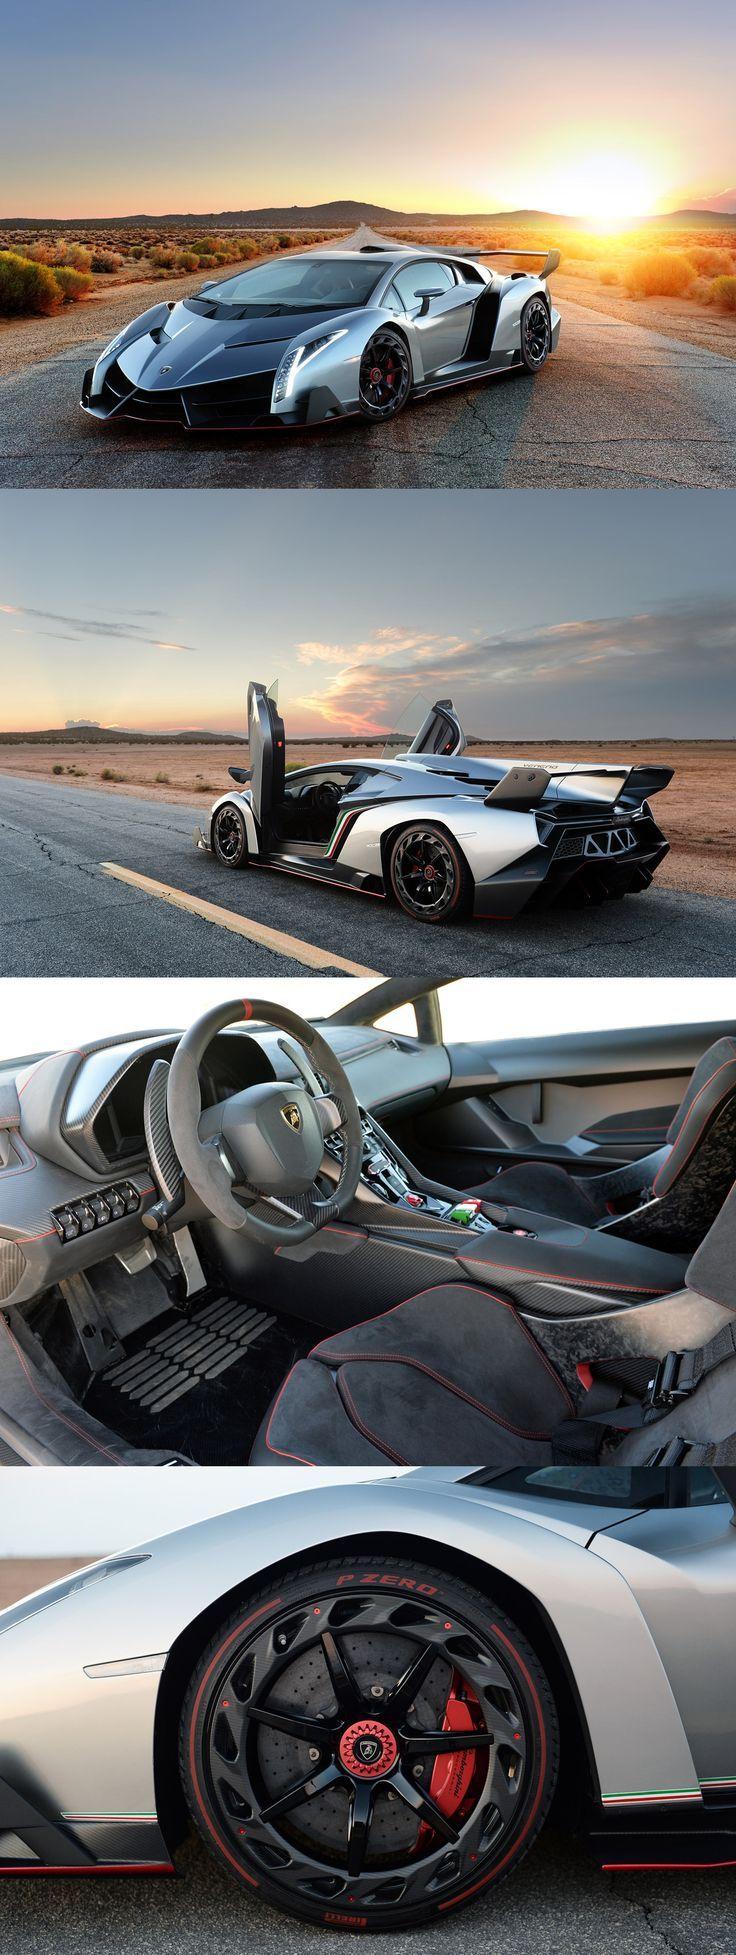 Lamborghini Veneno.Luxury, amazing, fast, dream, beautiful,awesome, expensive, exclusive car. Coche negro lujoso, increible, rápido, guapo, fantástico, caro, exclusivo.